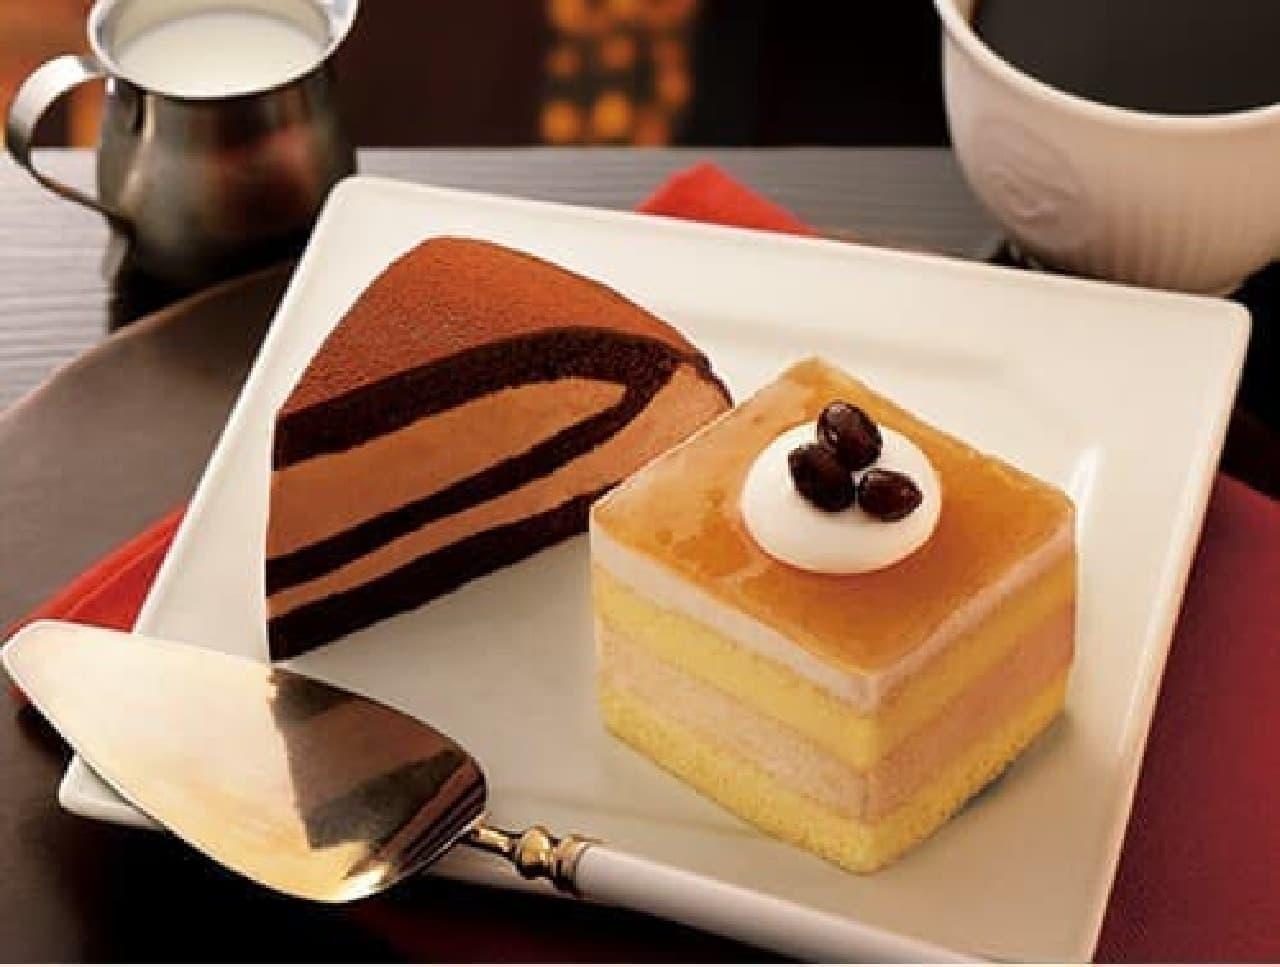 左から「生チョコレートケーキ」「ほうじ茶と黒糖きなこのムースケーキ」